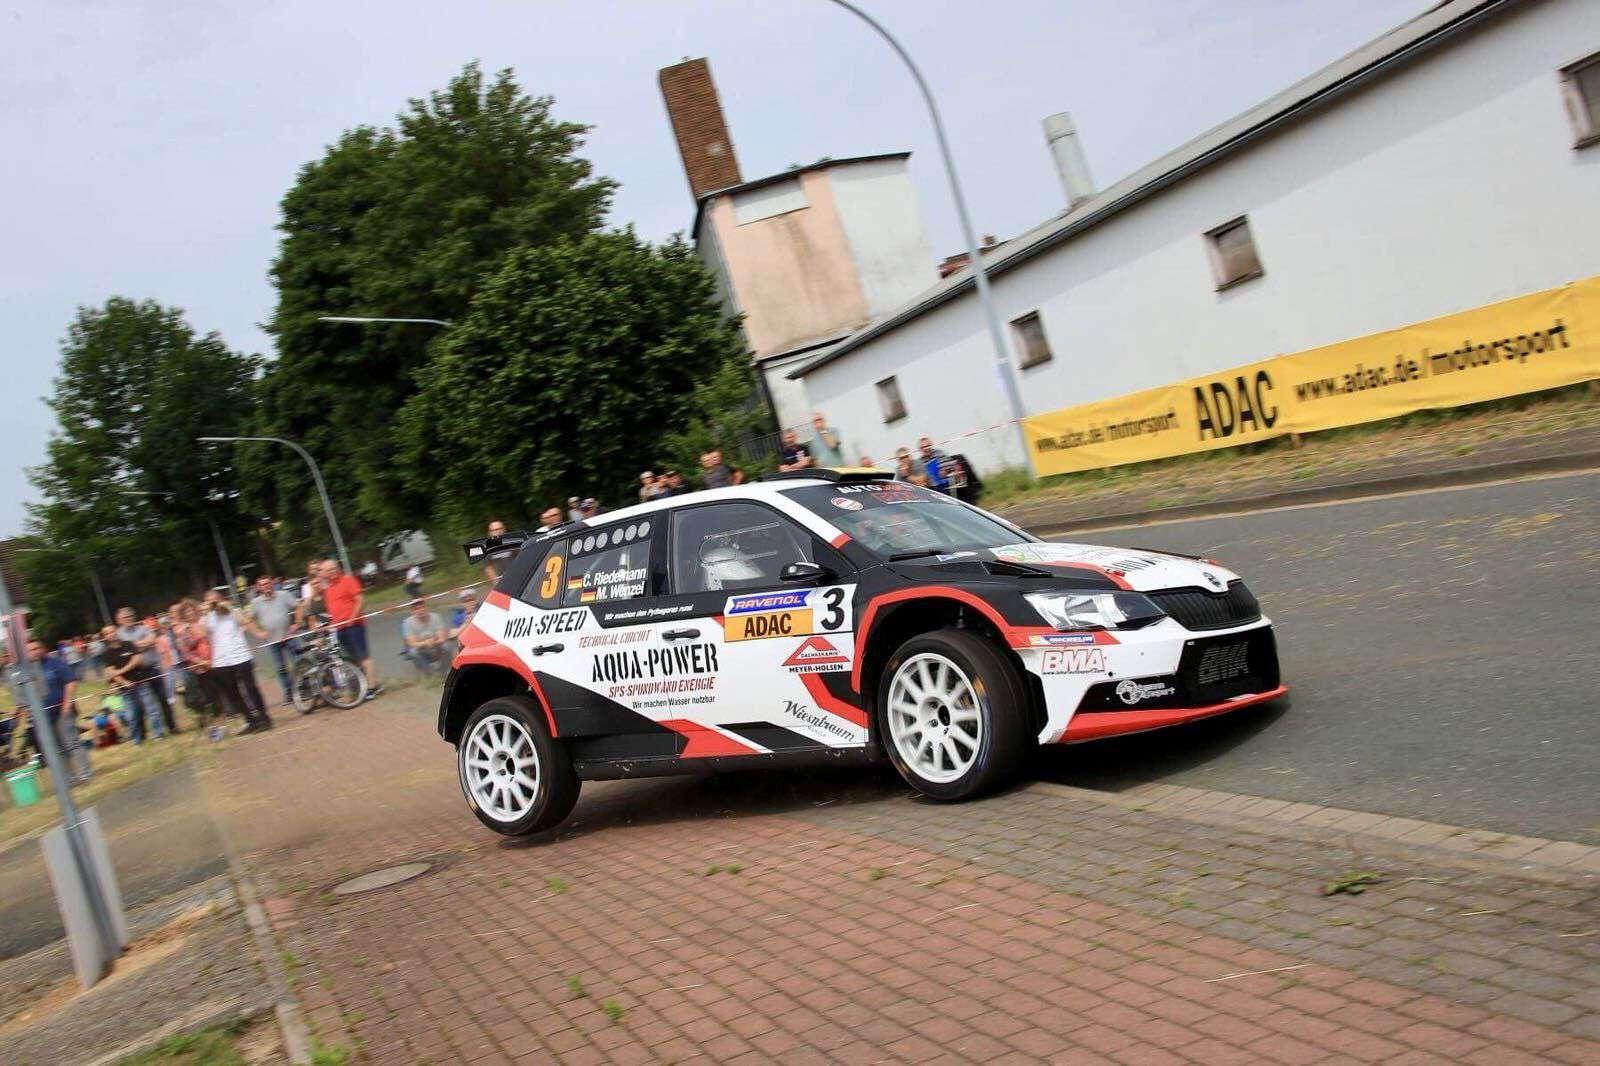 Rallye-Fahrer-Christian-Riedemann-Wiesntraum-Munich-Sponsoring